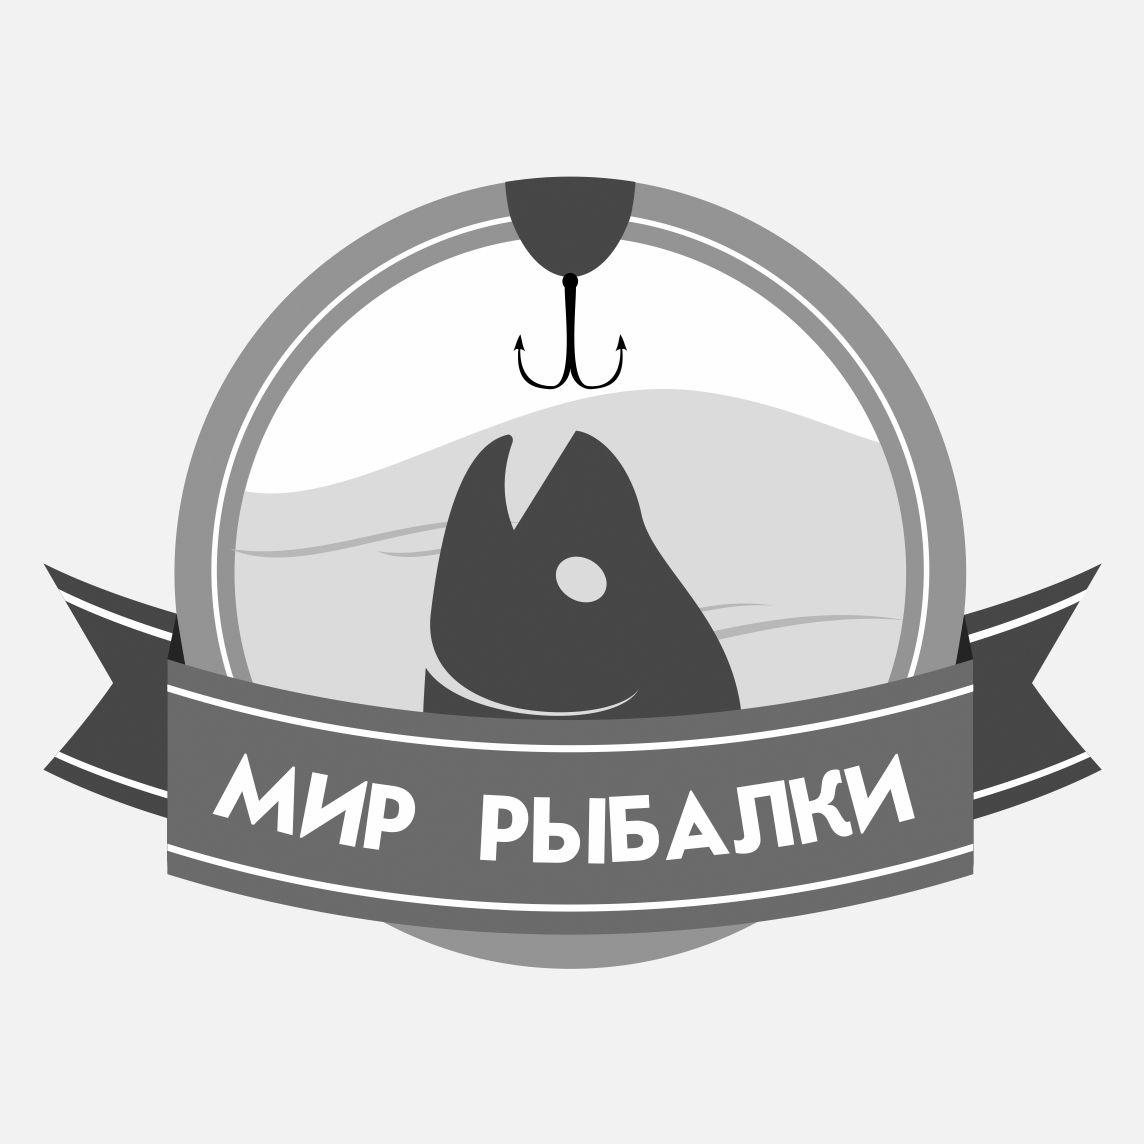 Логотип рыболовного магазина - дизайнер Aleqsander